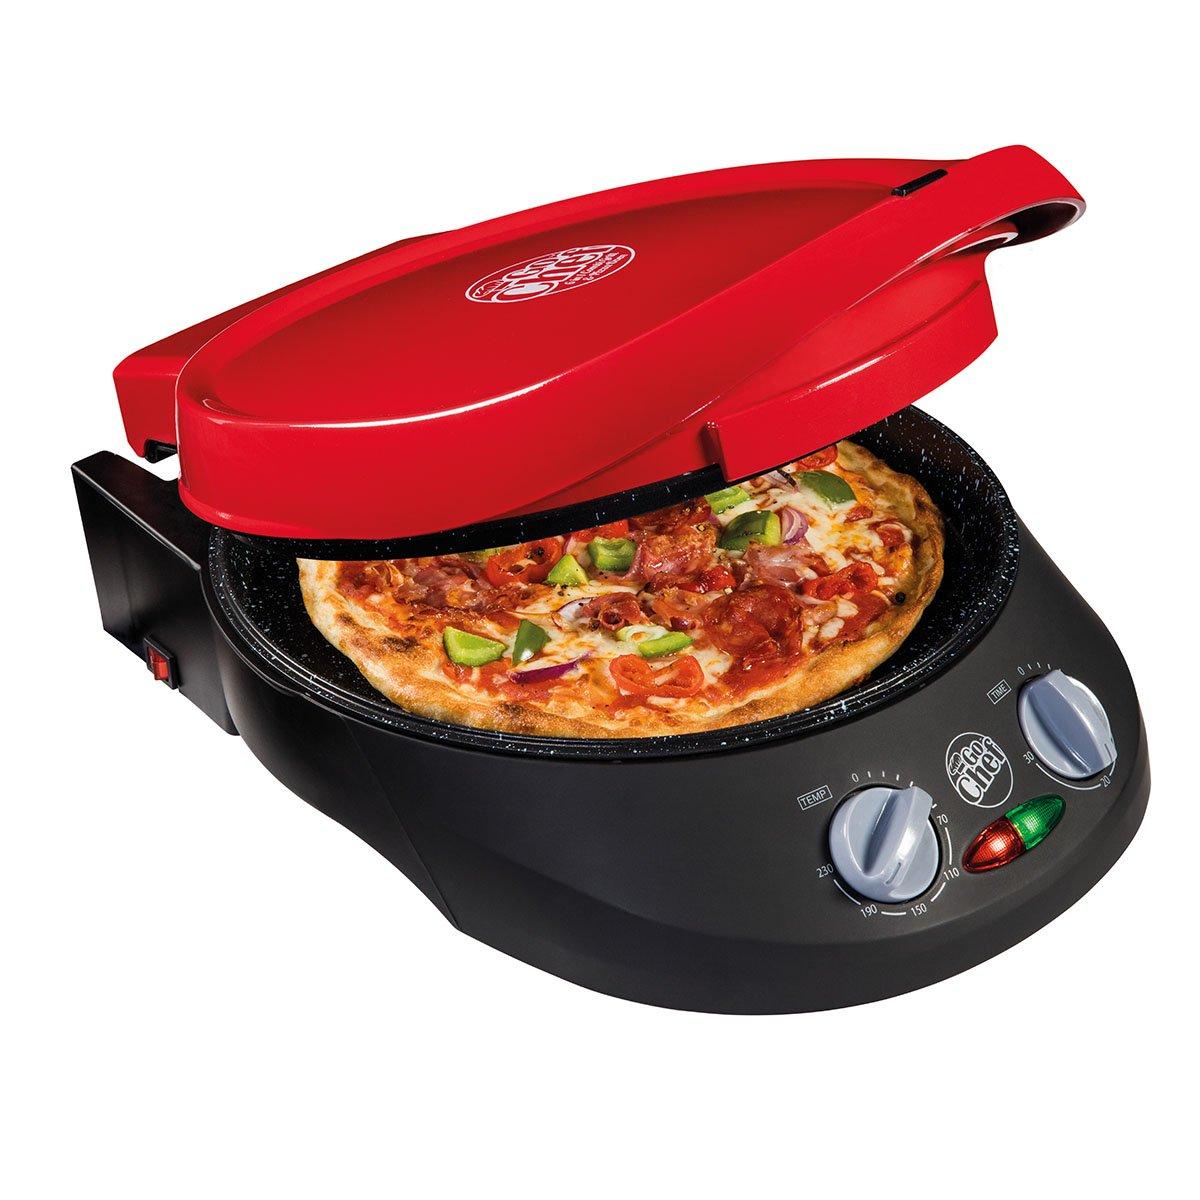 JML Go Chef 3 Piece Countertop Combi-Grill, Pizza Maker w/Bonus Recipe Guide